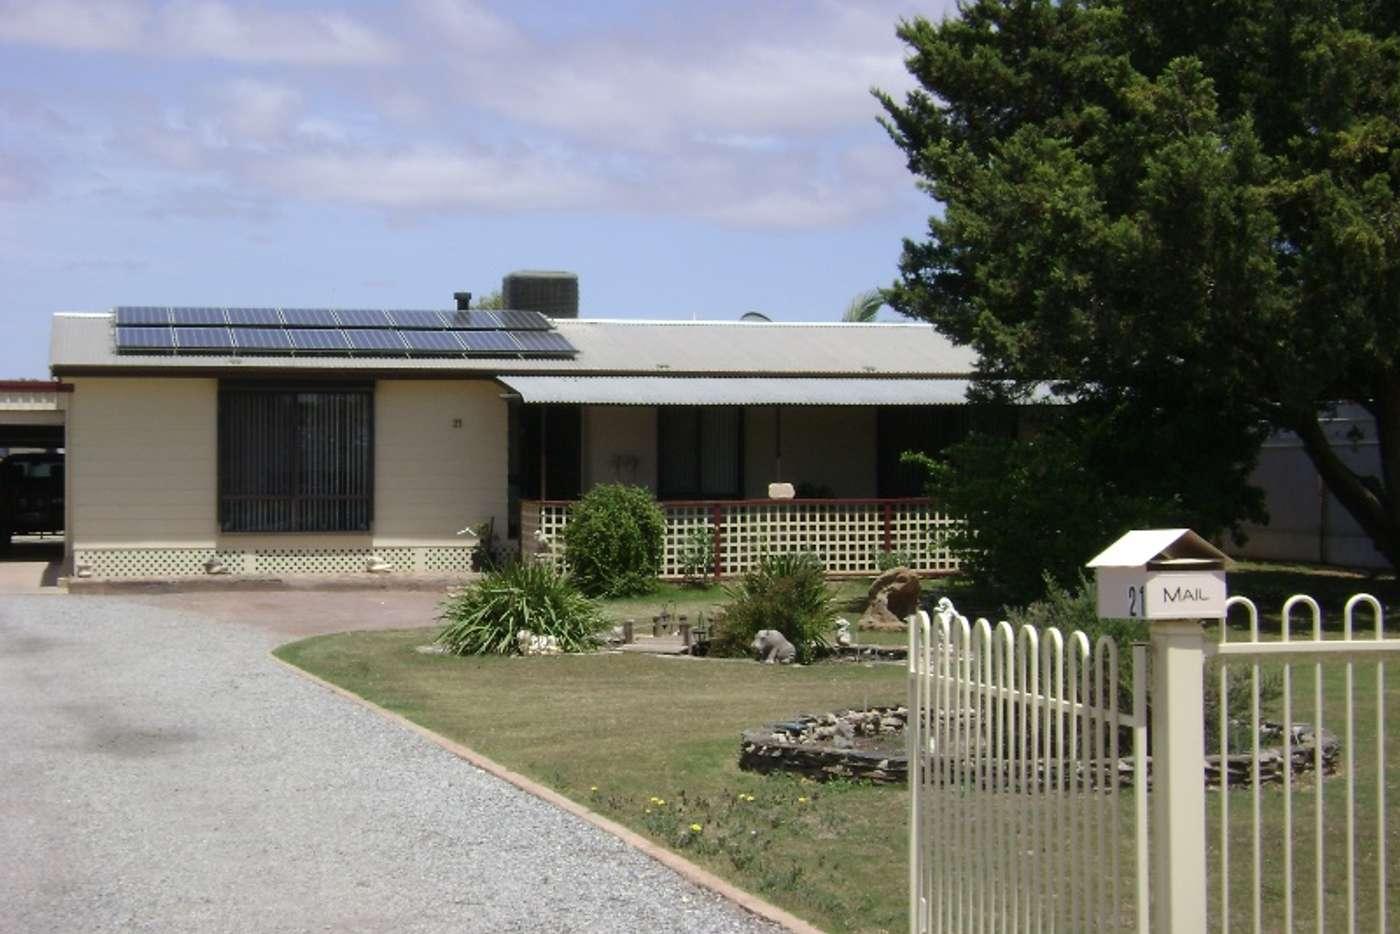 Main view of Homely house listing, 21 Kimba Rd, Cowell SA 5602